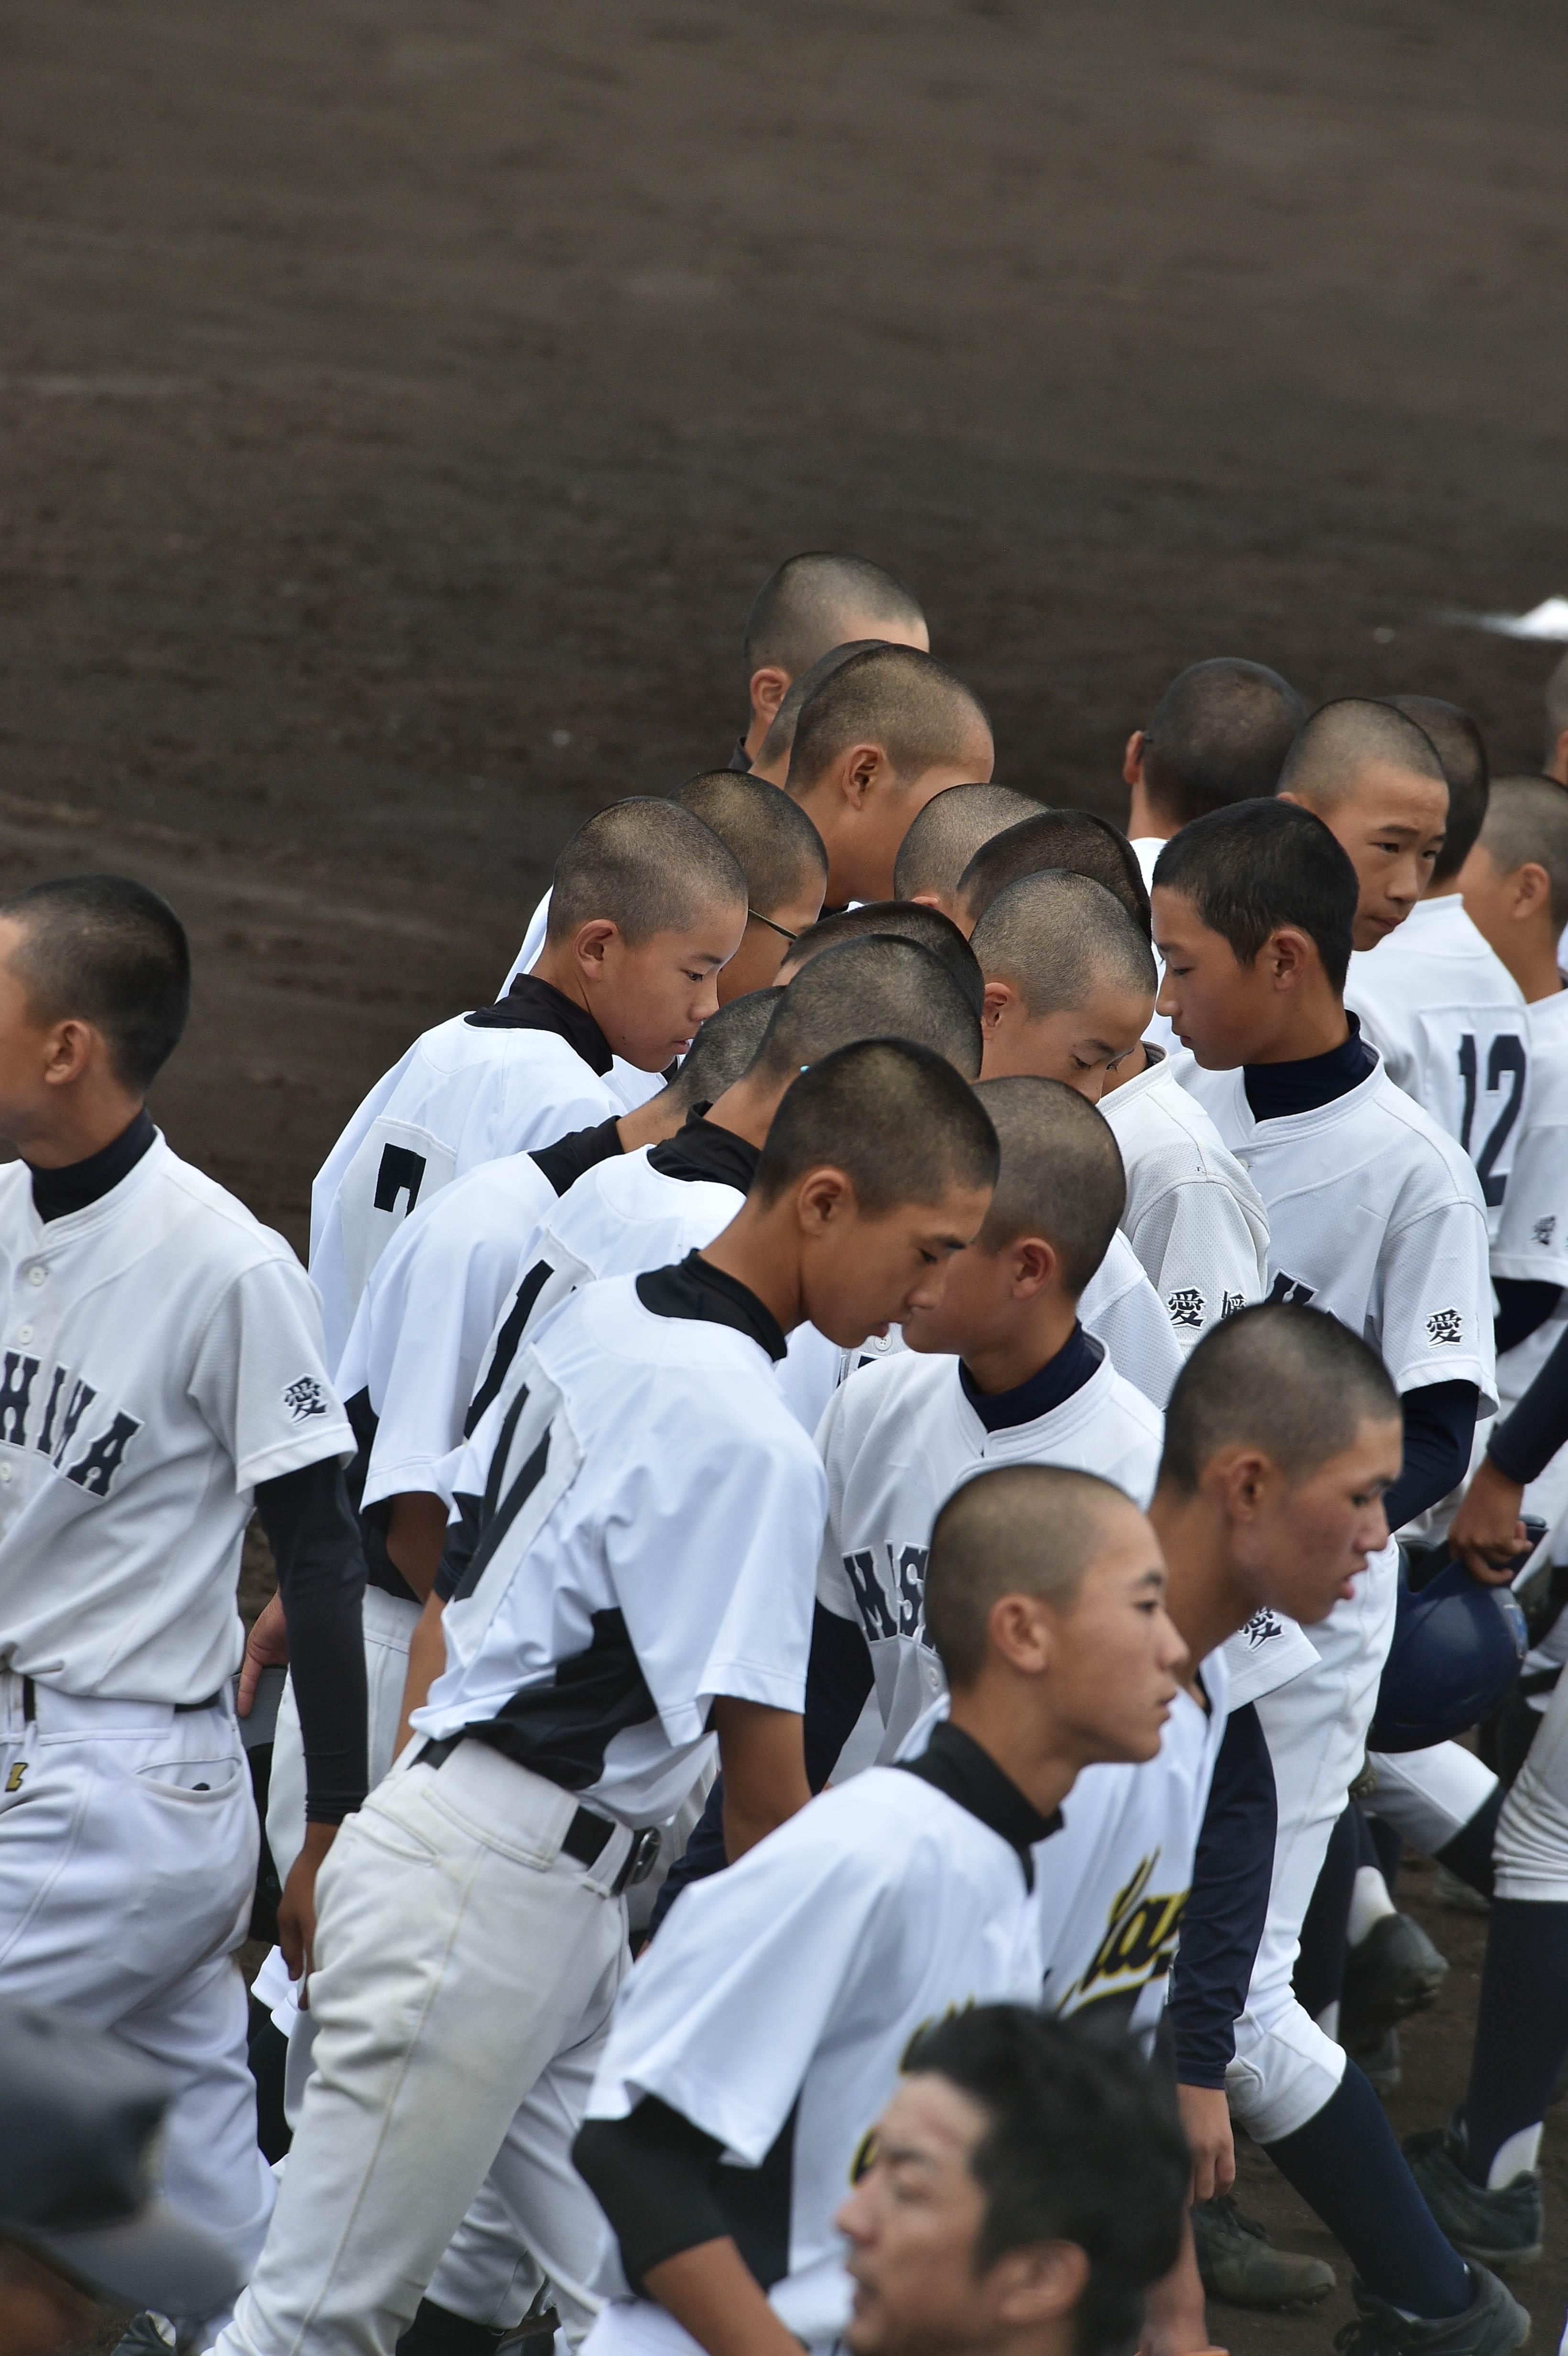 軟式野球 (459)